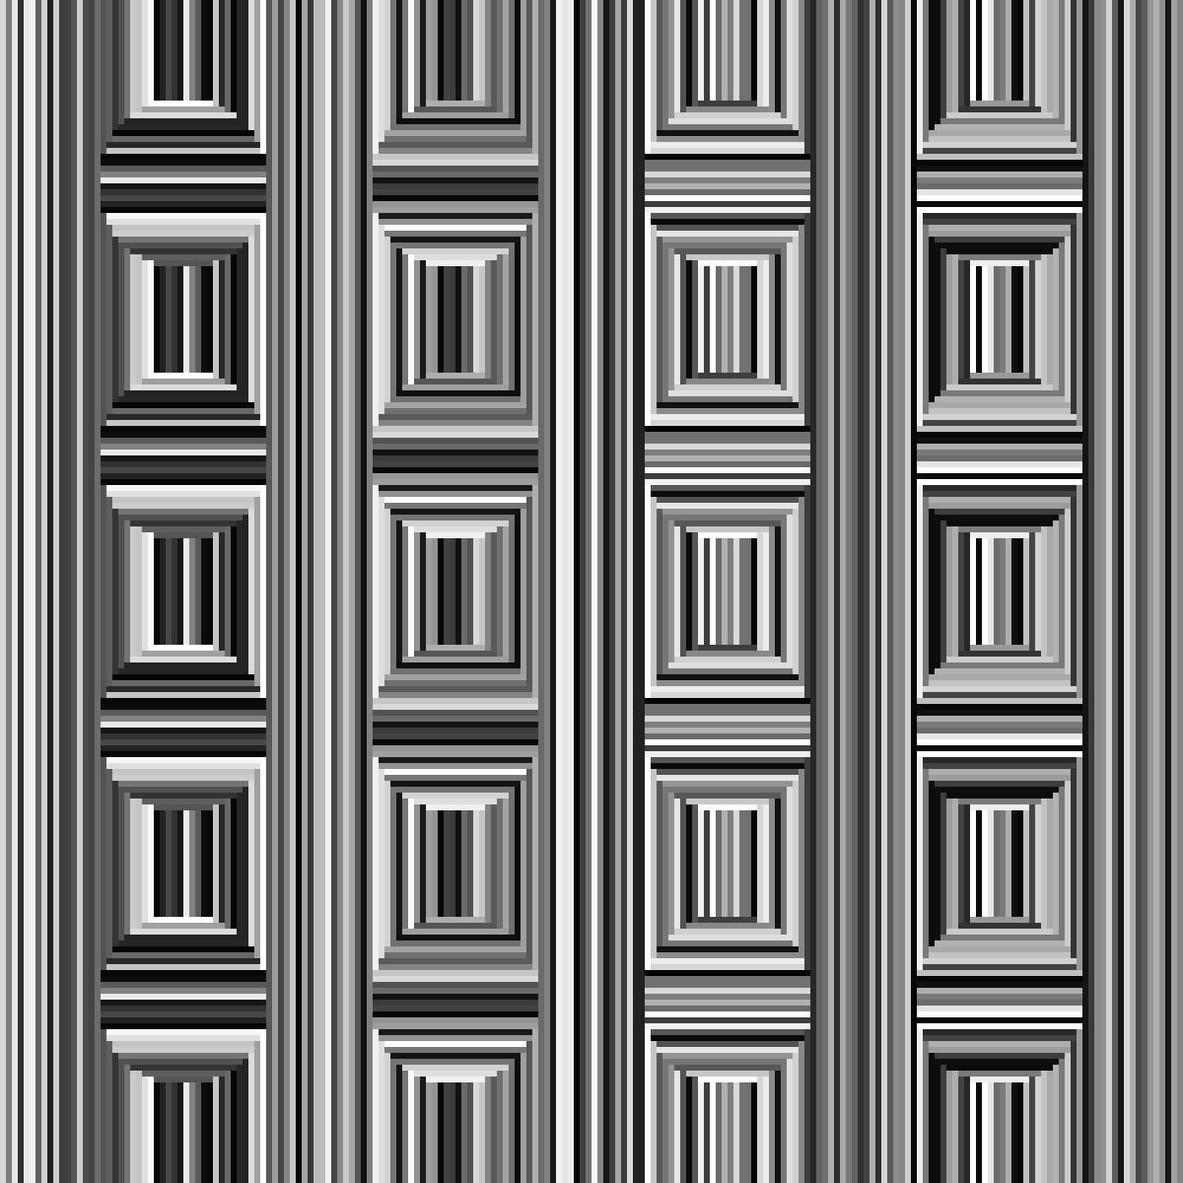 Štvorce vidí každý. Optické klamy dokážu meniť geometrické tvary? Je to možné?